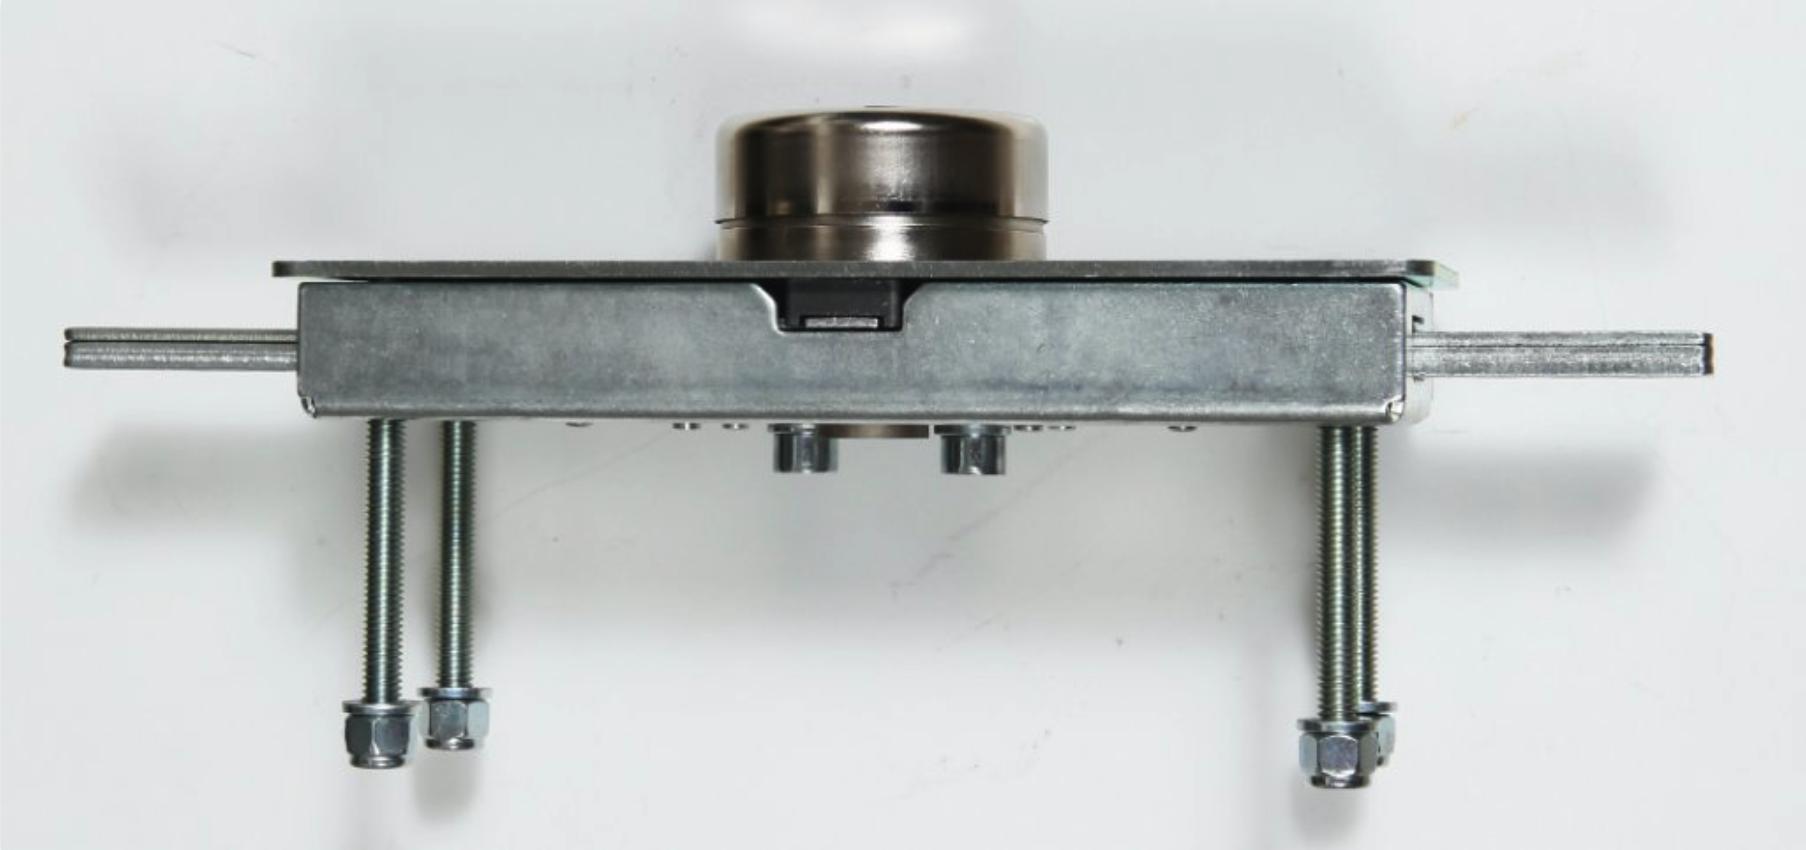 La serrure blindée Viro série 1.8270 avec plaque de protection. La tôle du rideau est enfermée entre la caisse et la plaque de protection pour réaliser un ensemble extrêmement résistant.